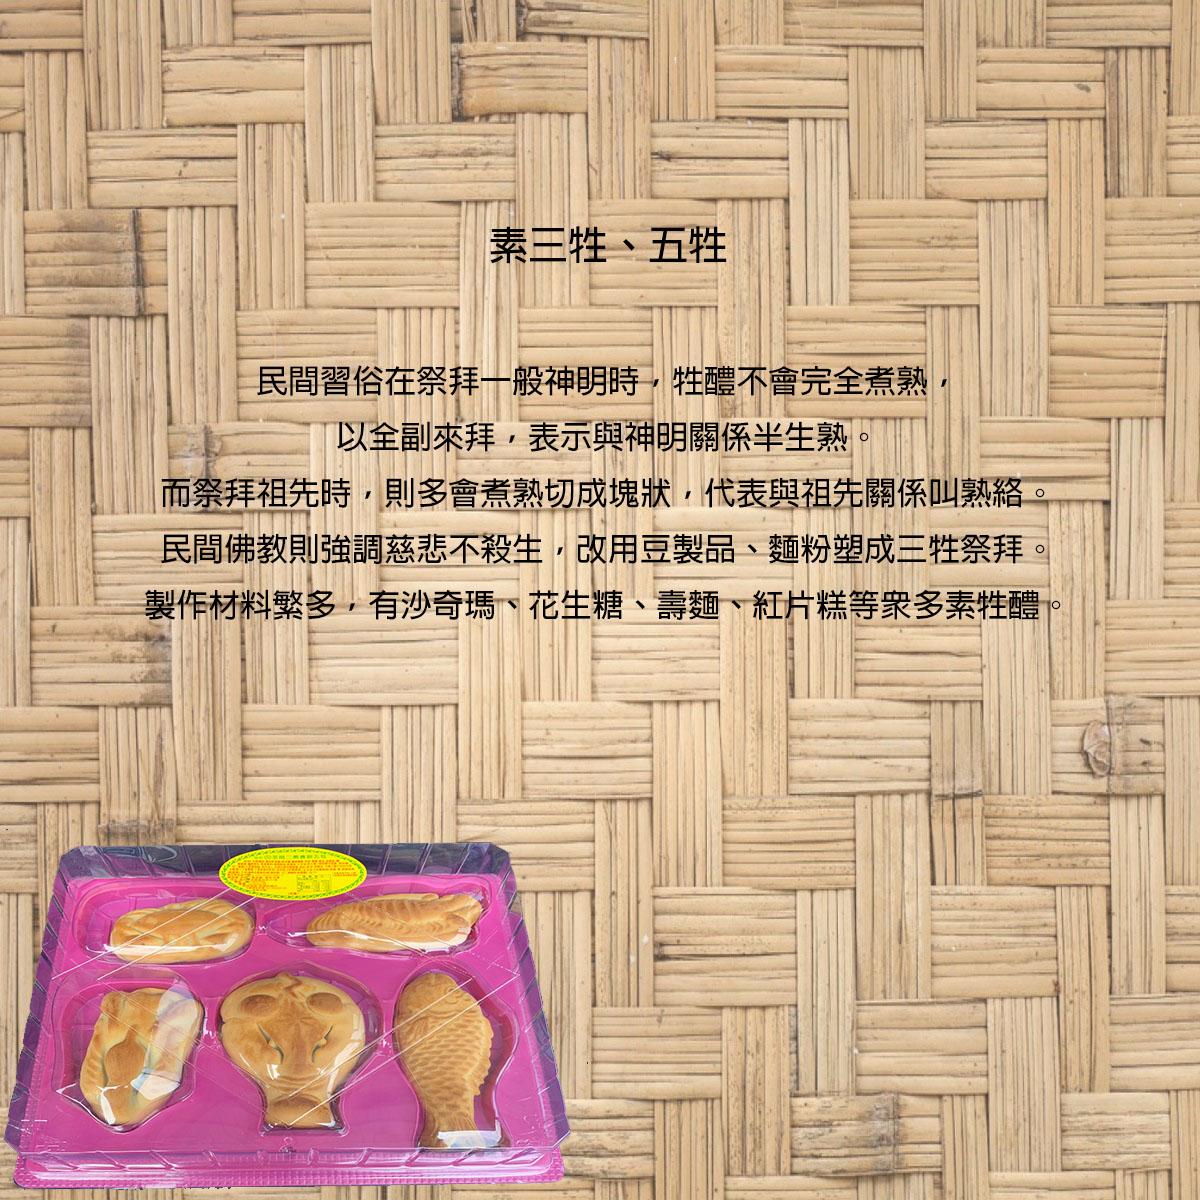 素三牲組(鳳梨酥餡)